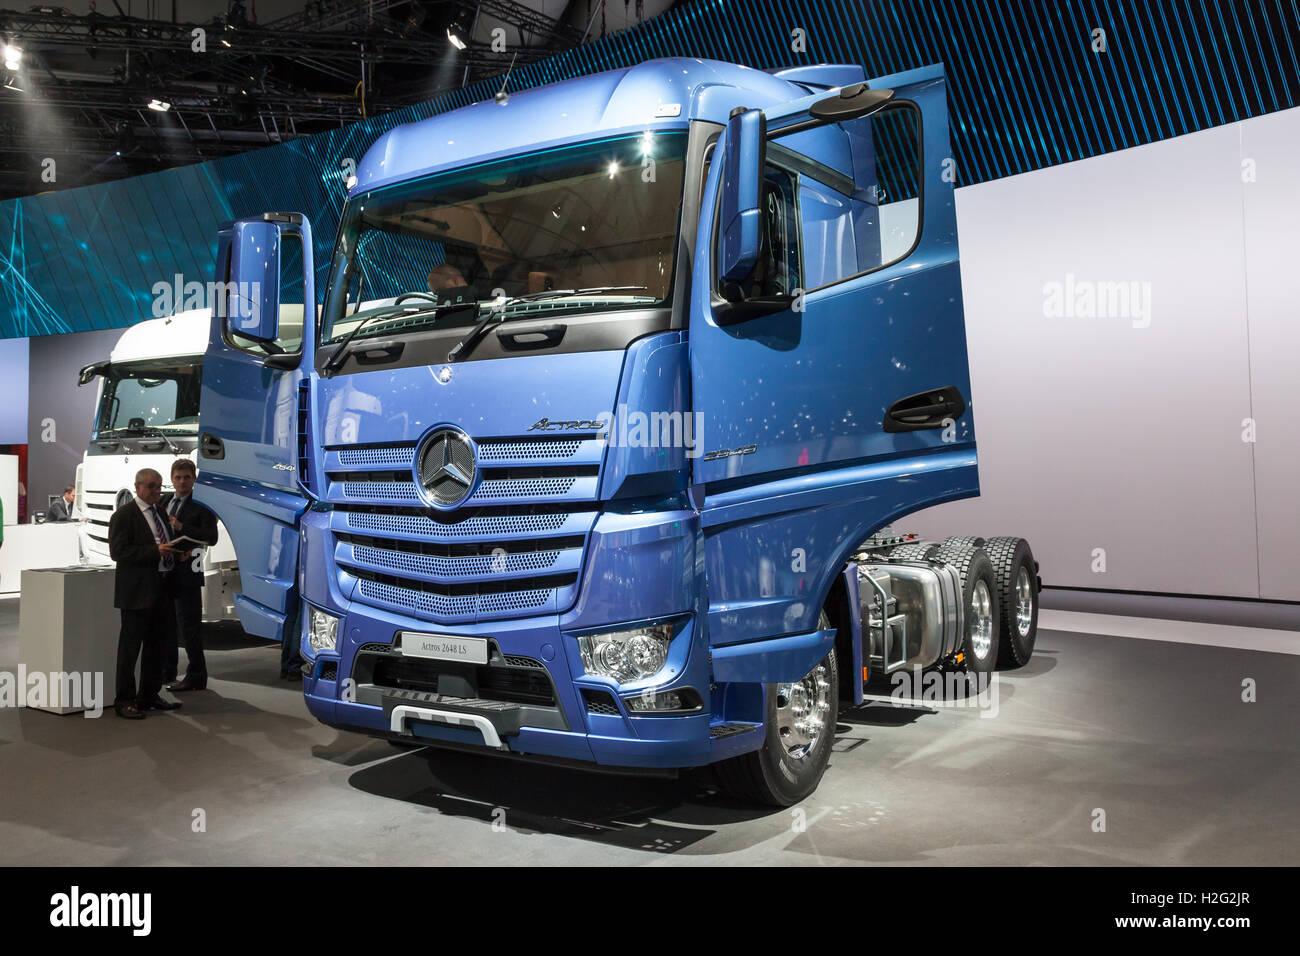 Mercedes Benz Actros 2648 LS semitrailer truck